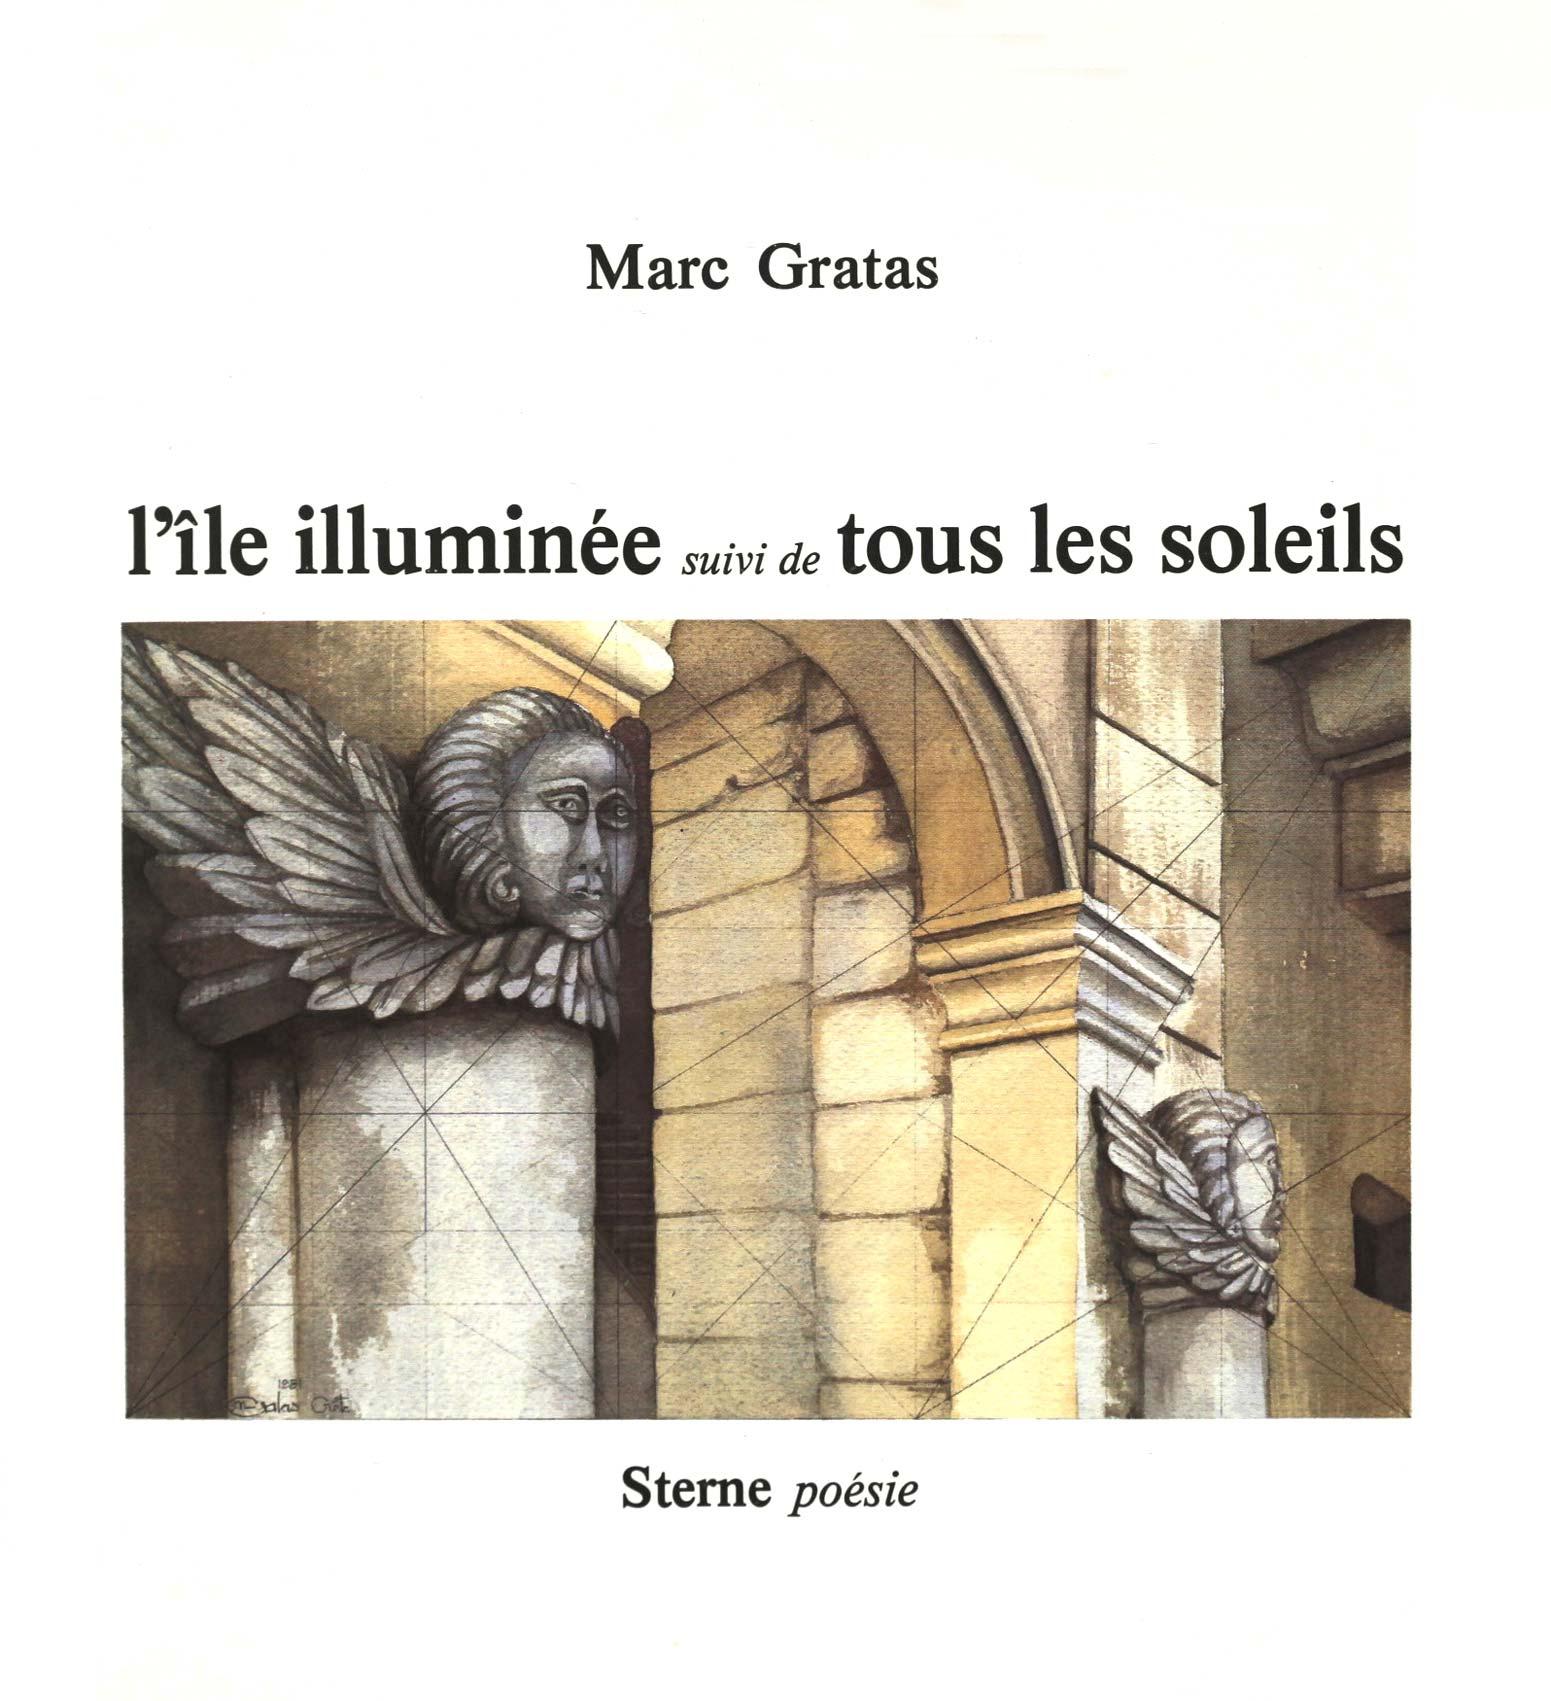 Marc Gratas, L'île illuminée, STERNE poésie,1981